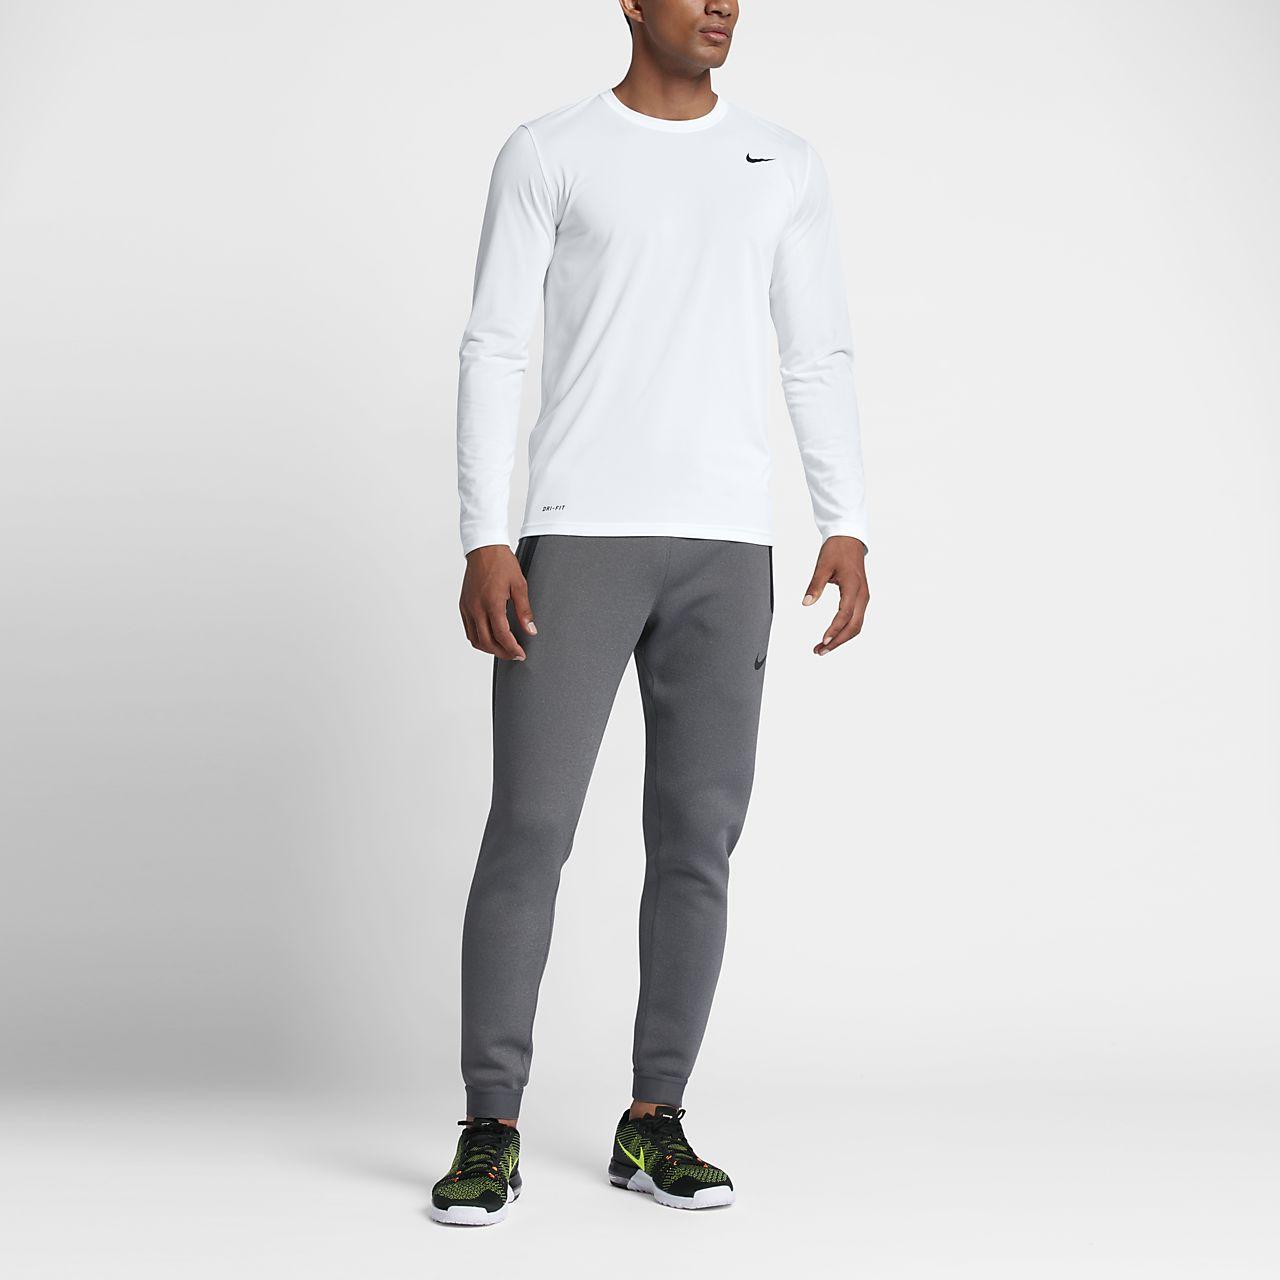 462e1590 Nike Dri-FIT Legend 2.0 Men's Long-Sleeve Training Top. Nike.com